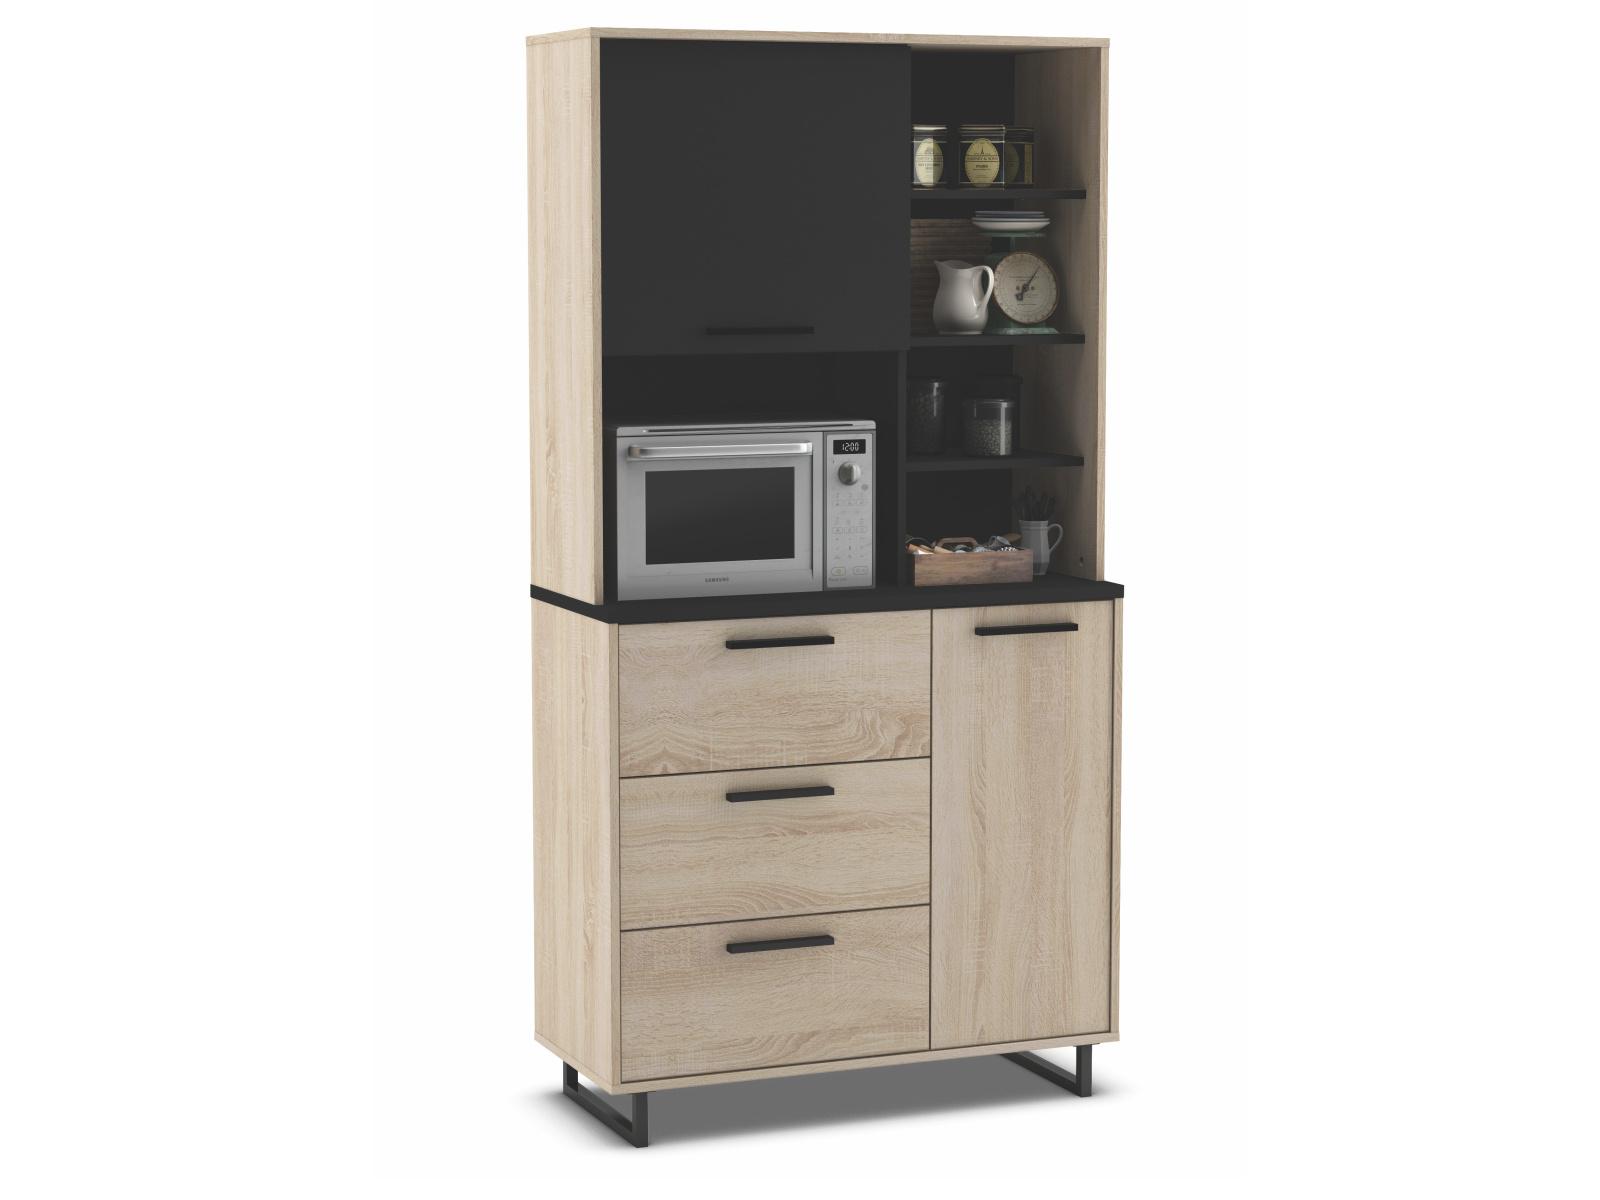 DEMEYERE INDAS, kuchyňská skříňka 2D3S, dub/černá